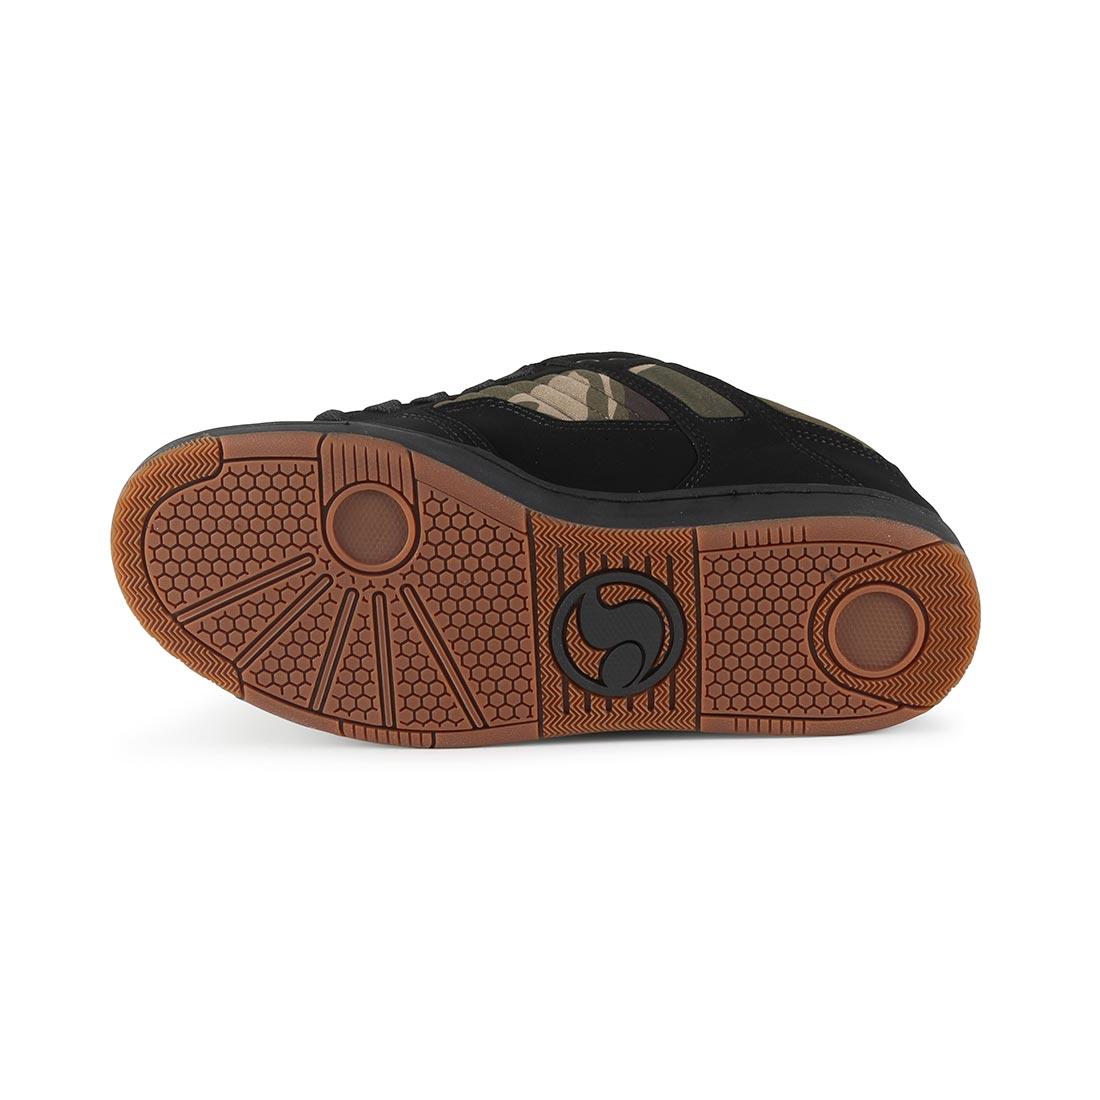 DVS Enduro 125 Shoes - Black / Camo